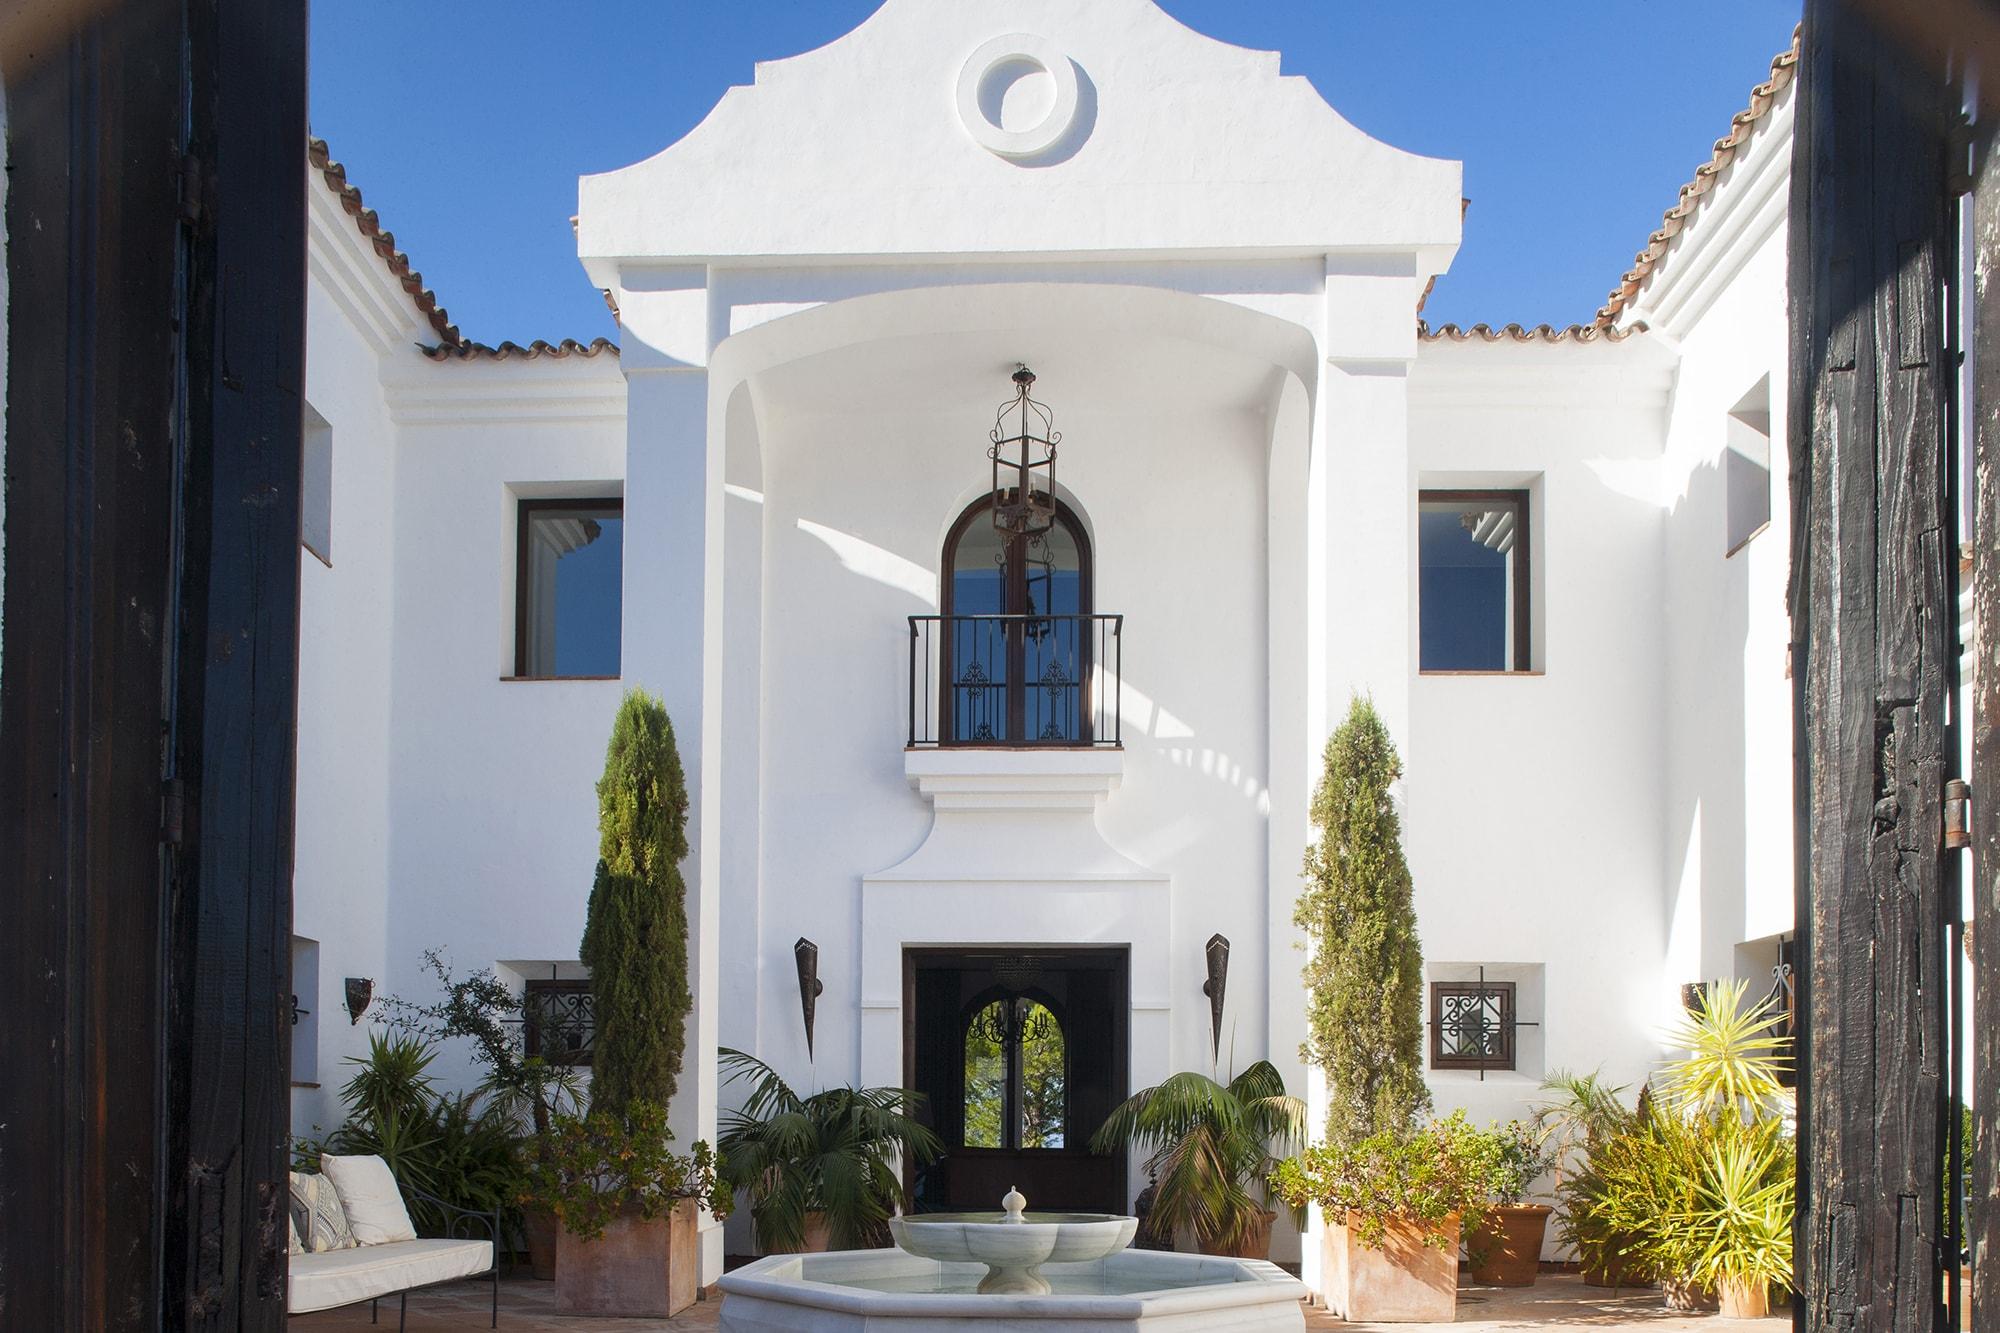 courtyard and facade villa spain